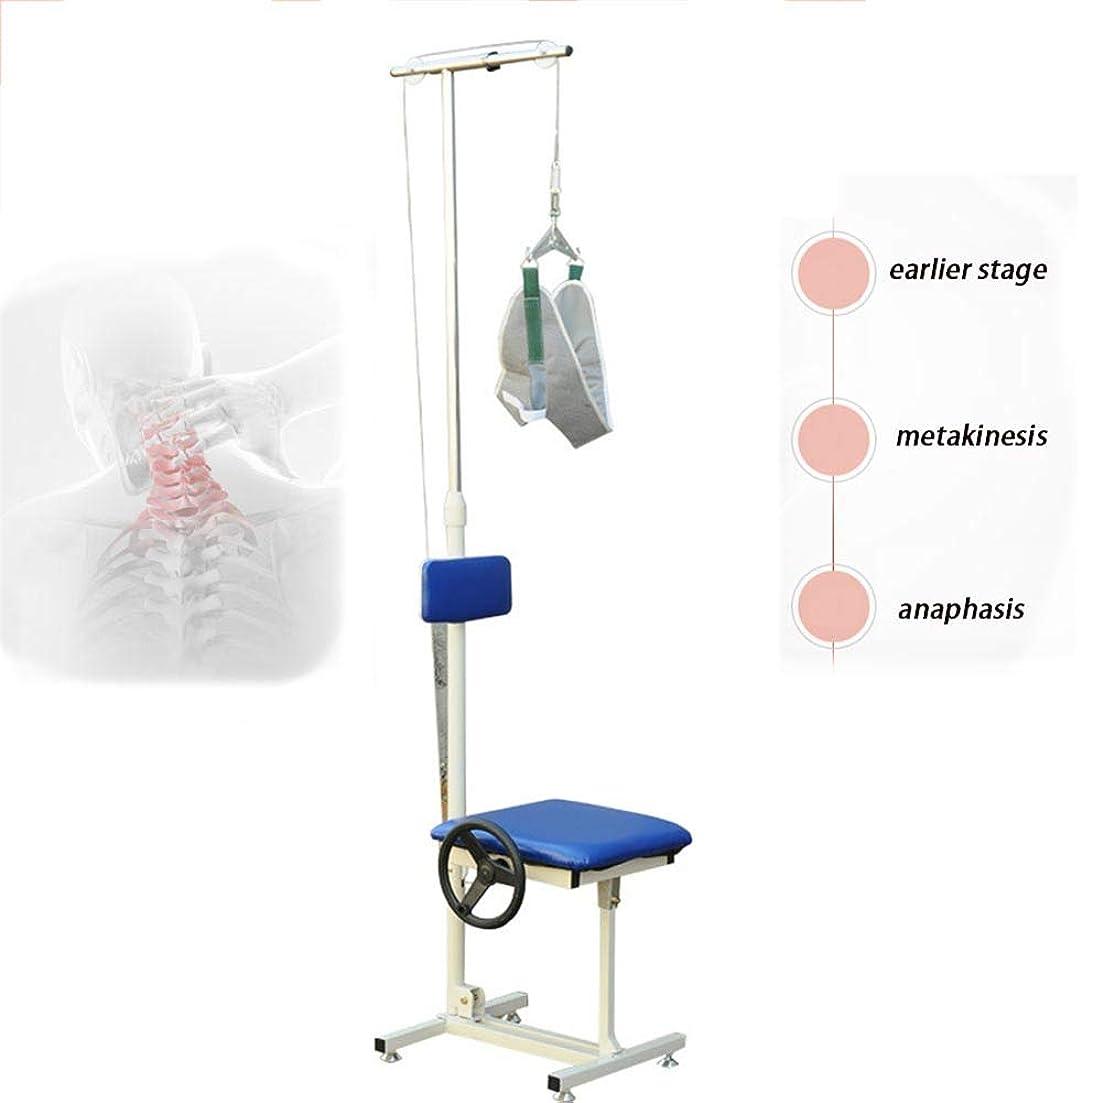 なにグラムスムーズにぶら下げ首頸部ストレッチャー、トラクターポータブル健康保護具、椅子治療頸椎矯正フレームぶら下げ首